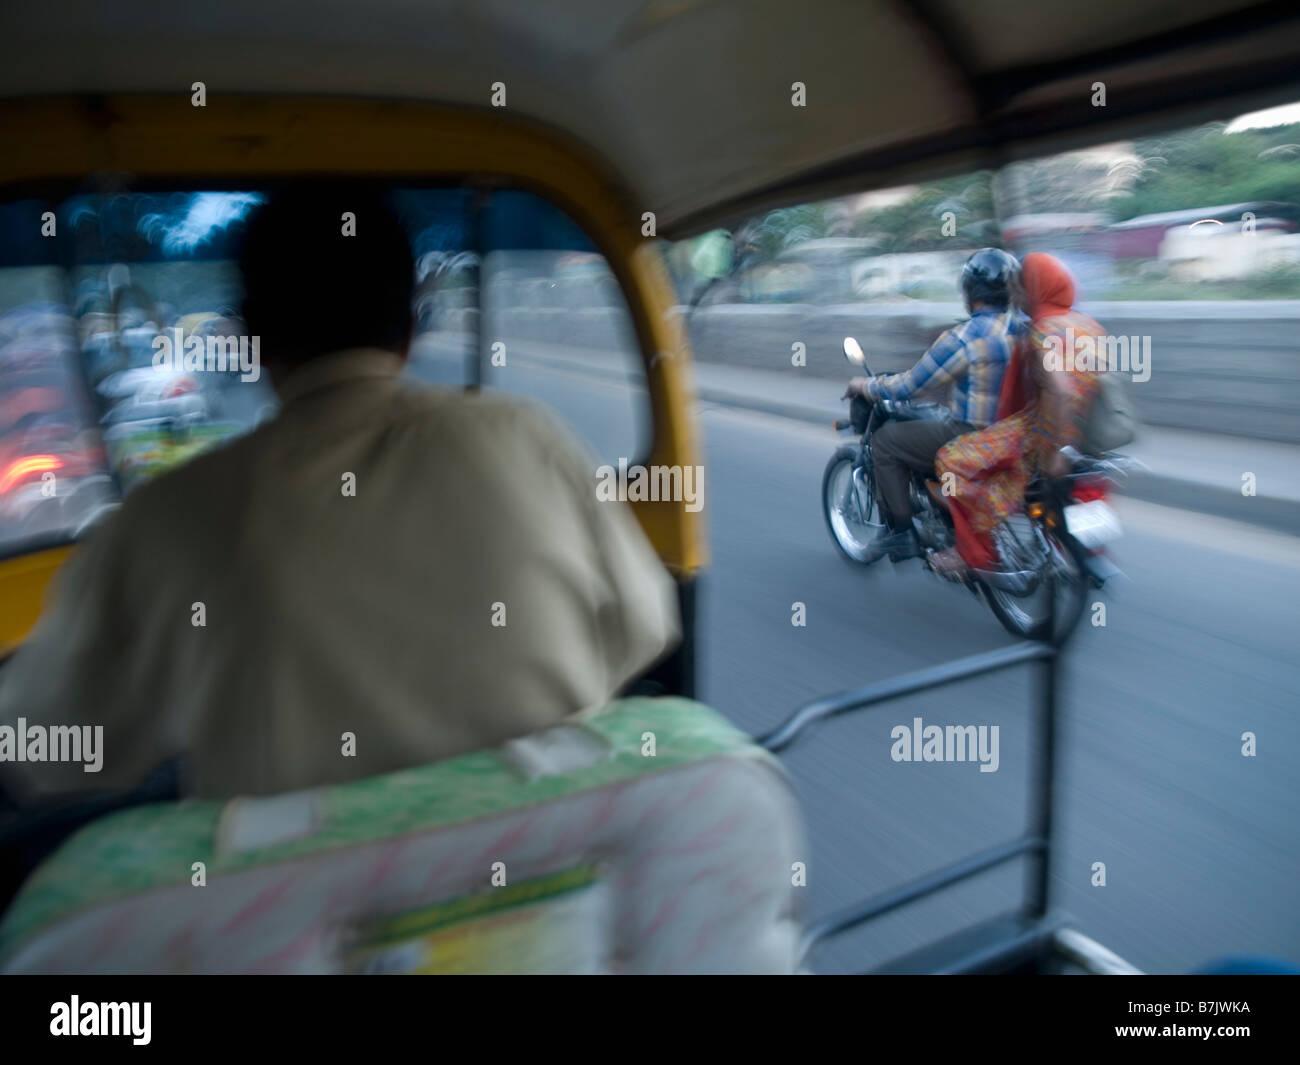 Modelo de la India TUK TUK//autorickshaw//Rickshaw taxi nuevo desde el Reino Unido